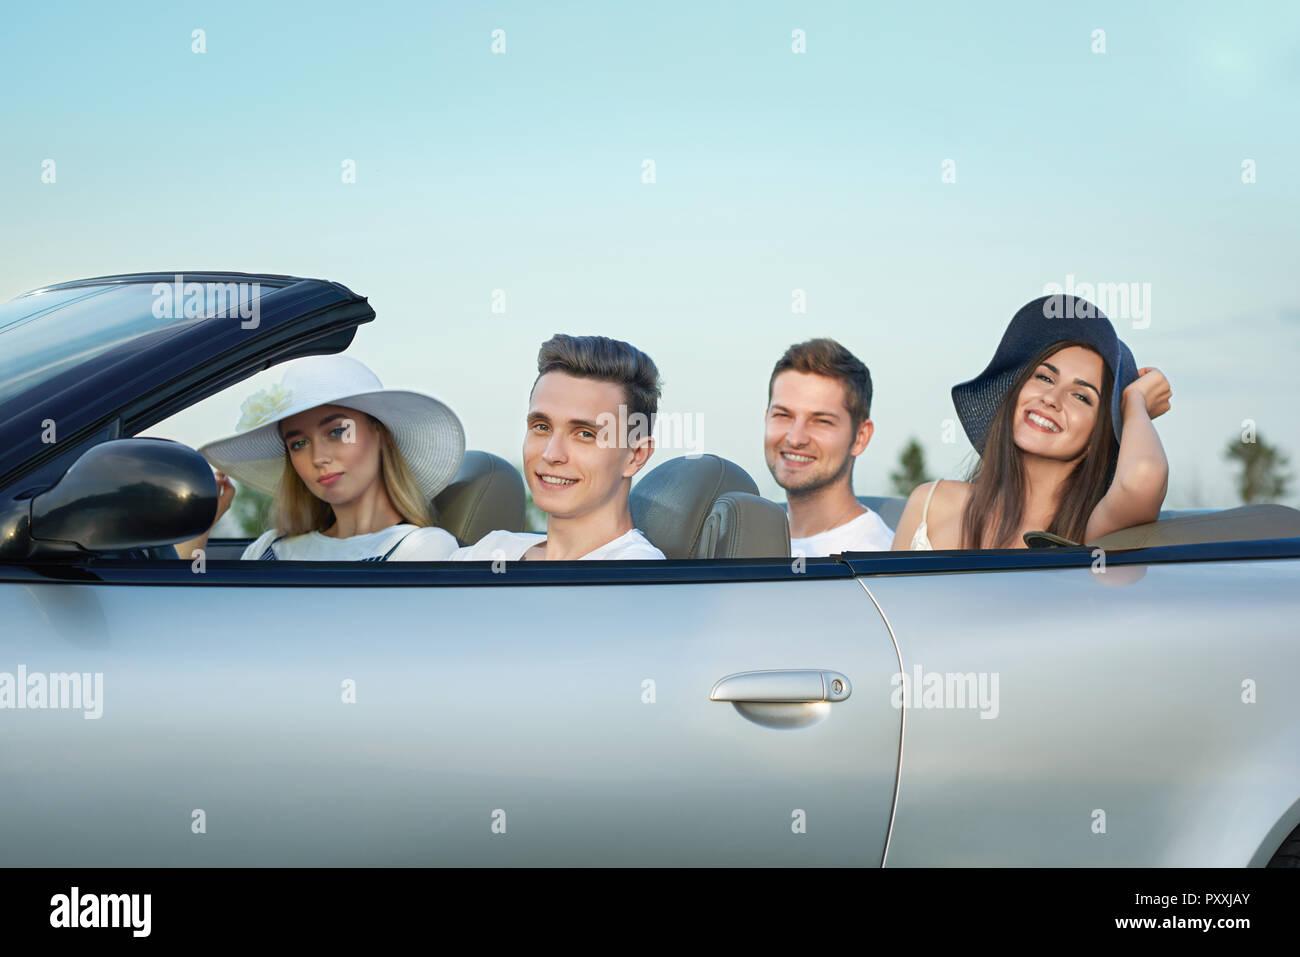 Il gruppo di quattro amici seduti in argento cabriolet e viaggiare in auto.  Piuttosto giovani 9354e9844974